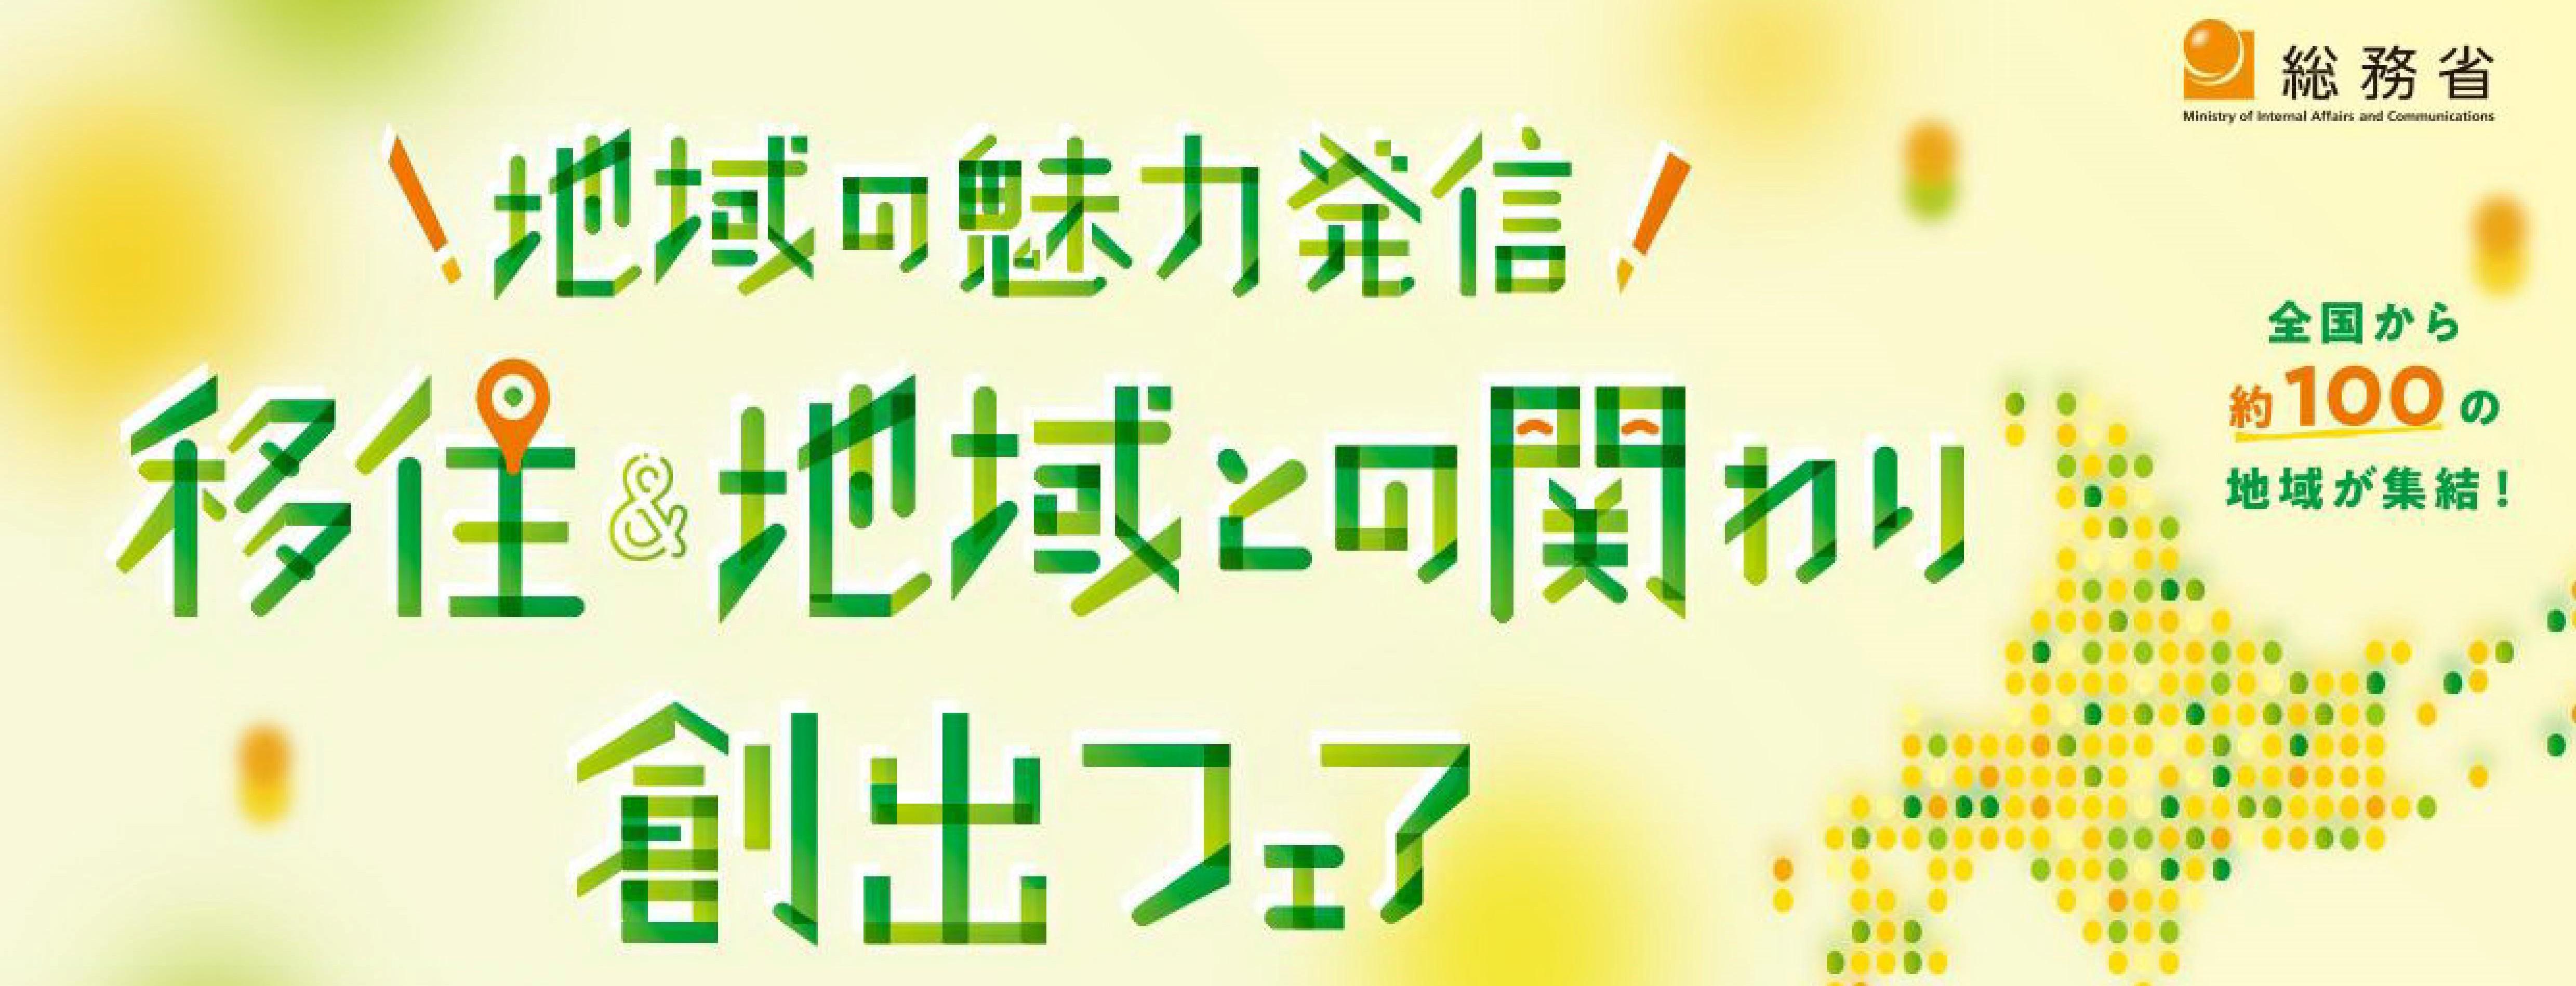 【11/17横浜】「地域の魅力発信!移住&地域との関わり創出フェア」に岡山県も出店します!